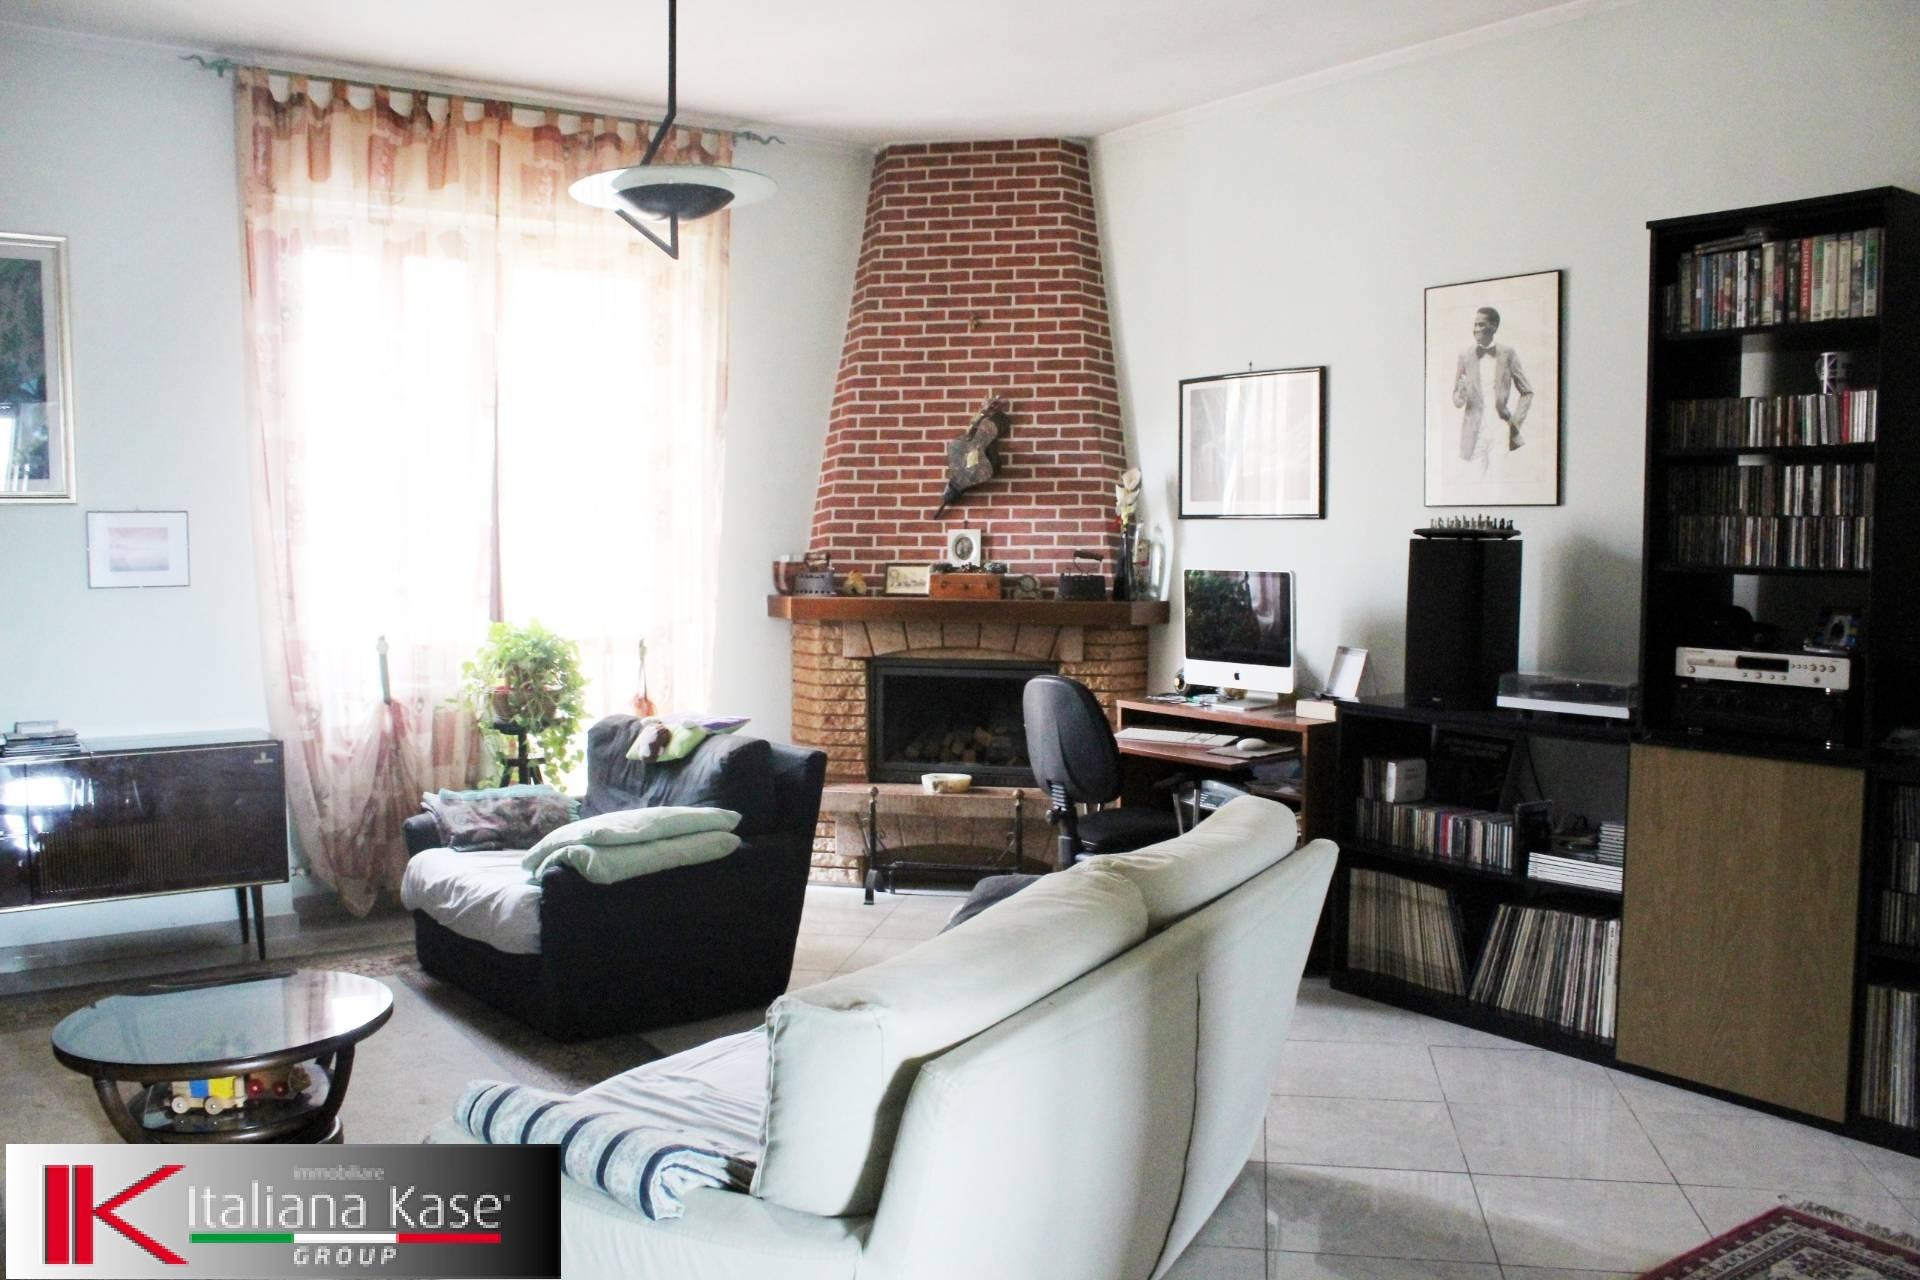 Appartamento in vendita a Gassino Torinese, 5 locali, zona Località: GassinoTorinese, prezzo € 135.000 | CambioCasa.it